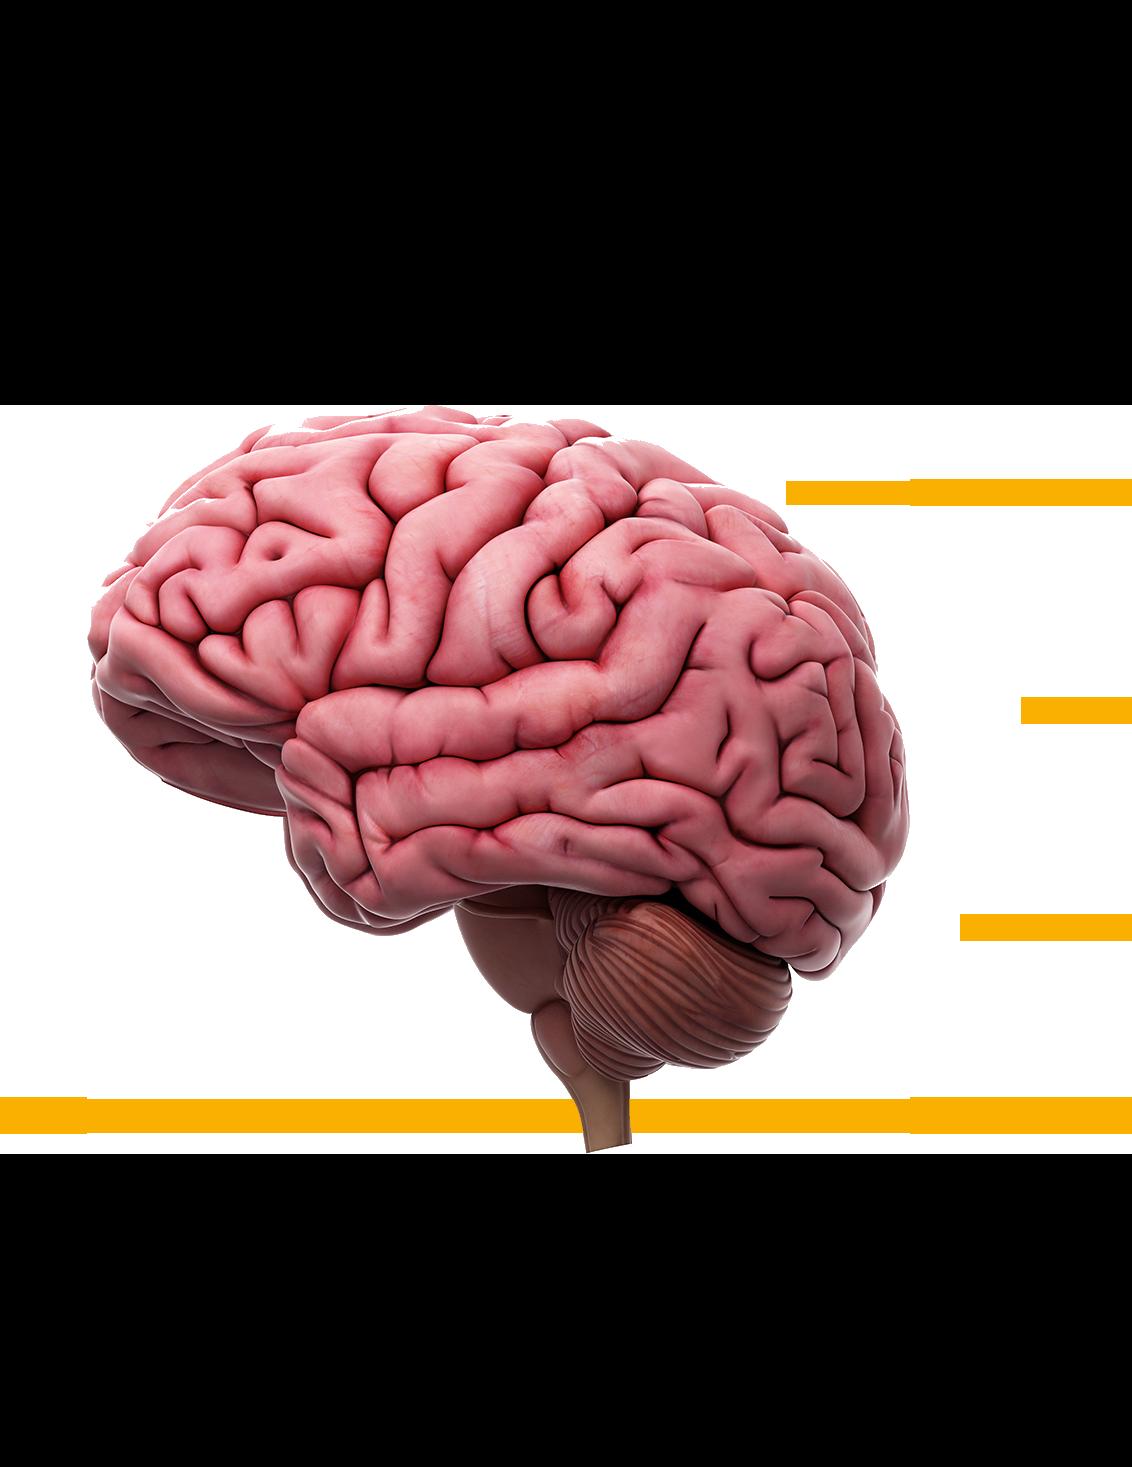 Gehirn Gesundheitszentrum Dr. Dr. Tadzic